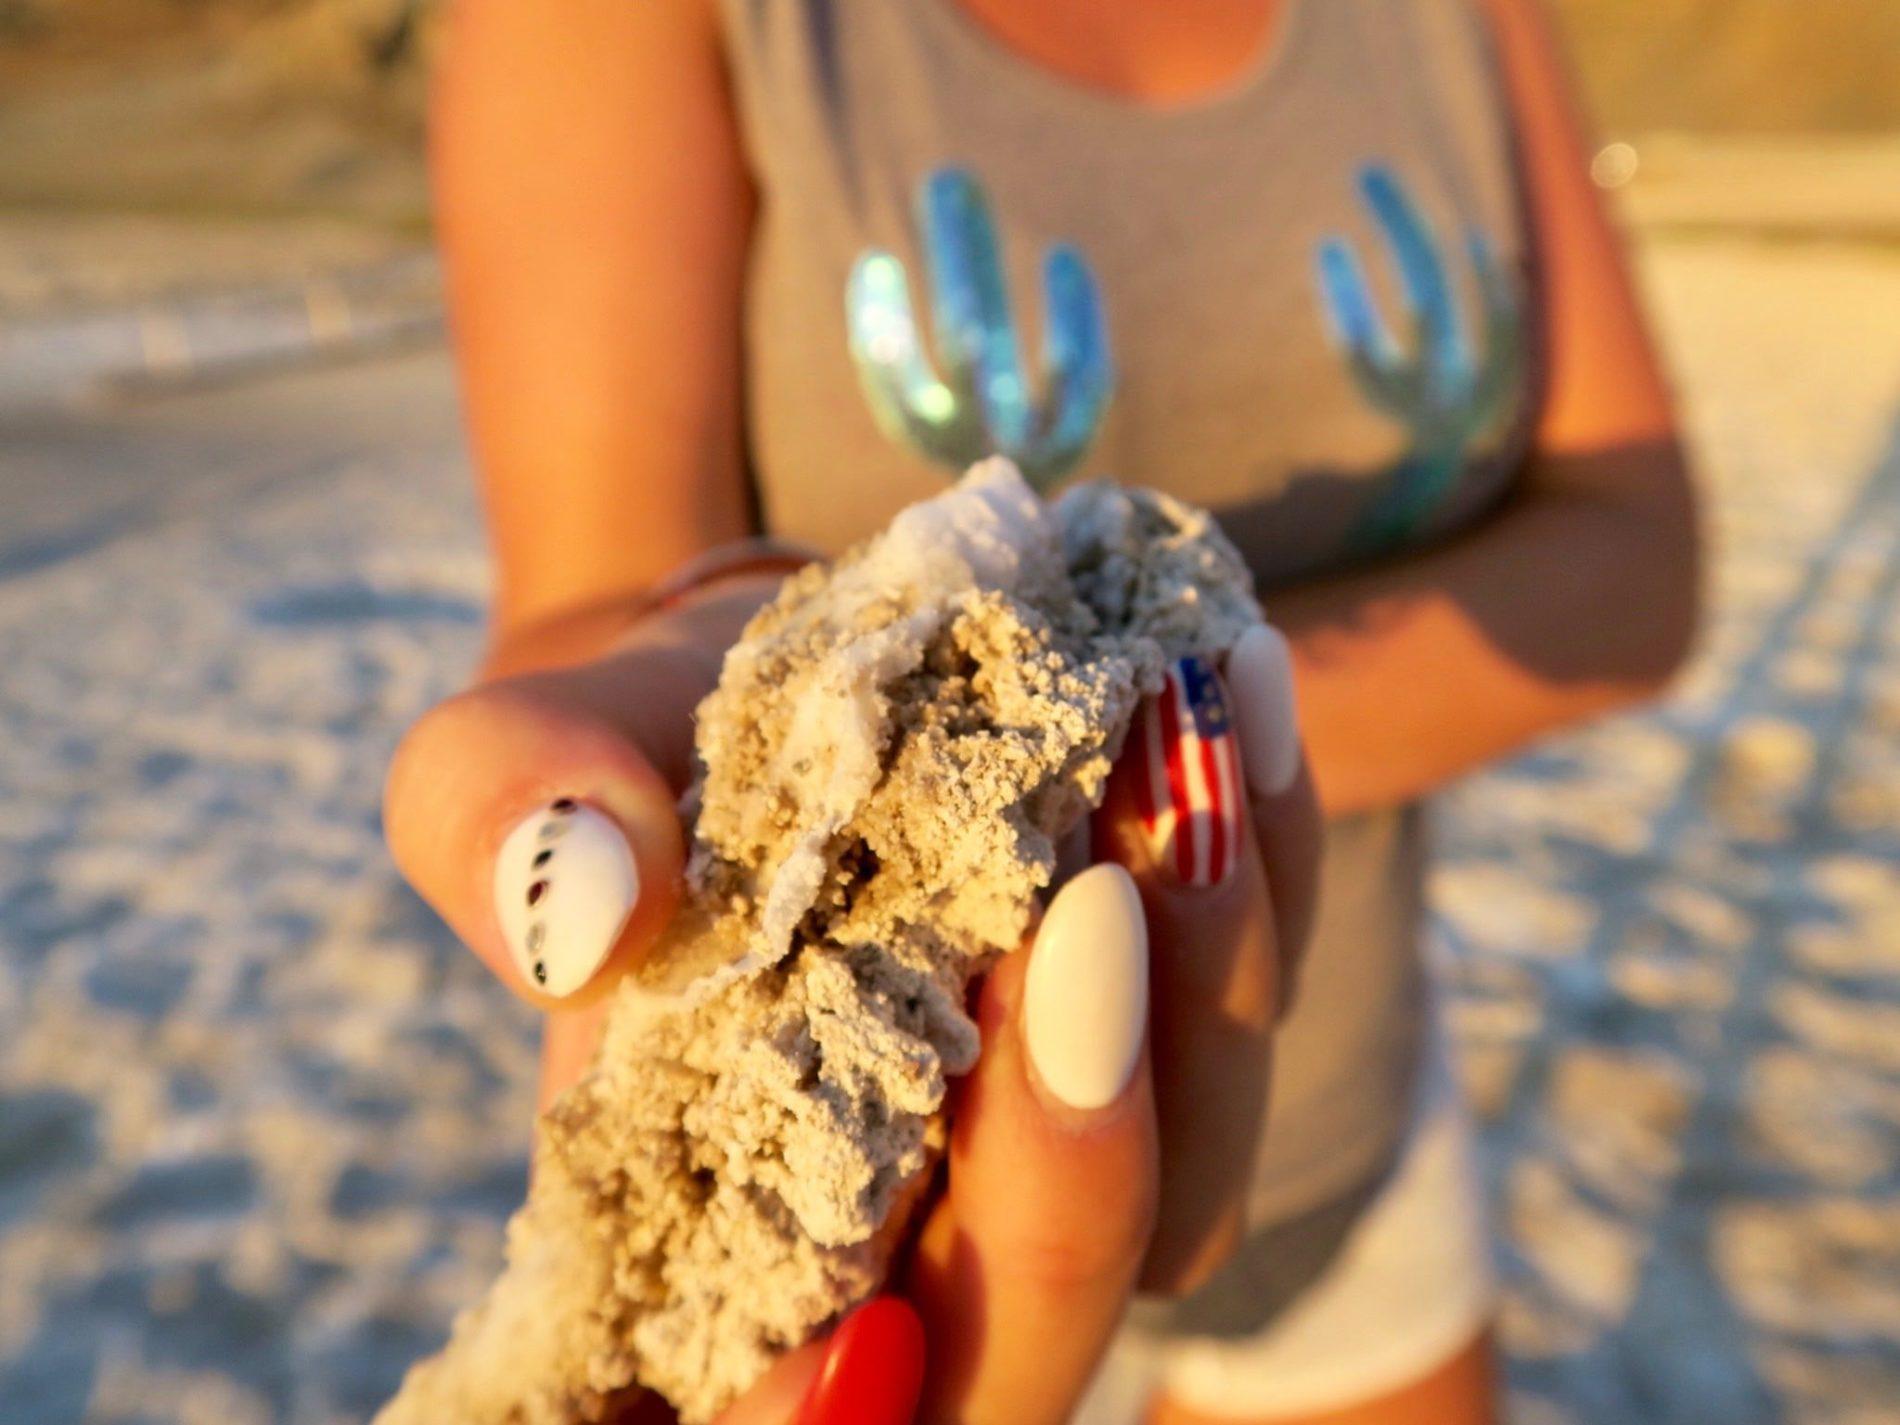 Pierre de sable de Death Valley avec les couleurs du coucher de soleil et une main aux ongles du drapeau Américain